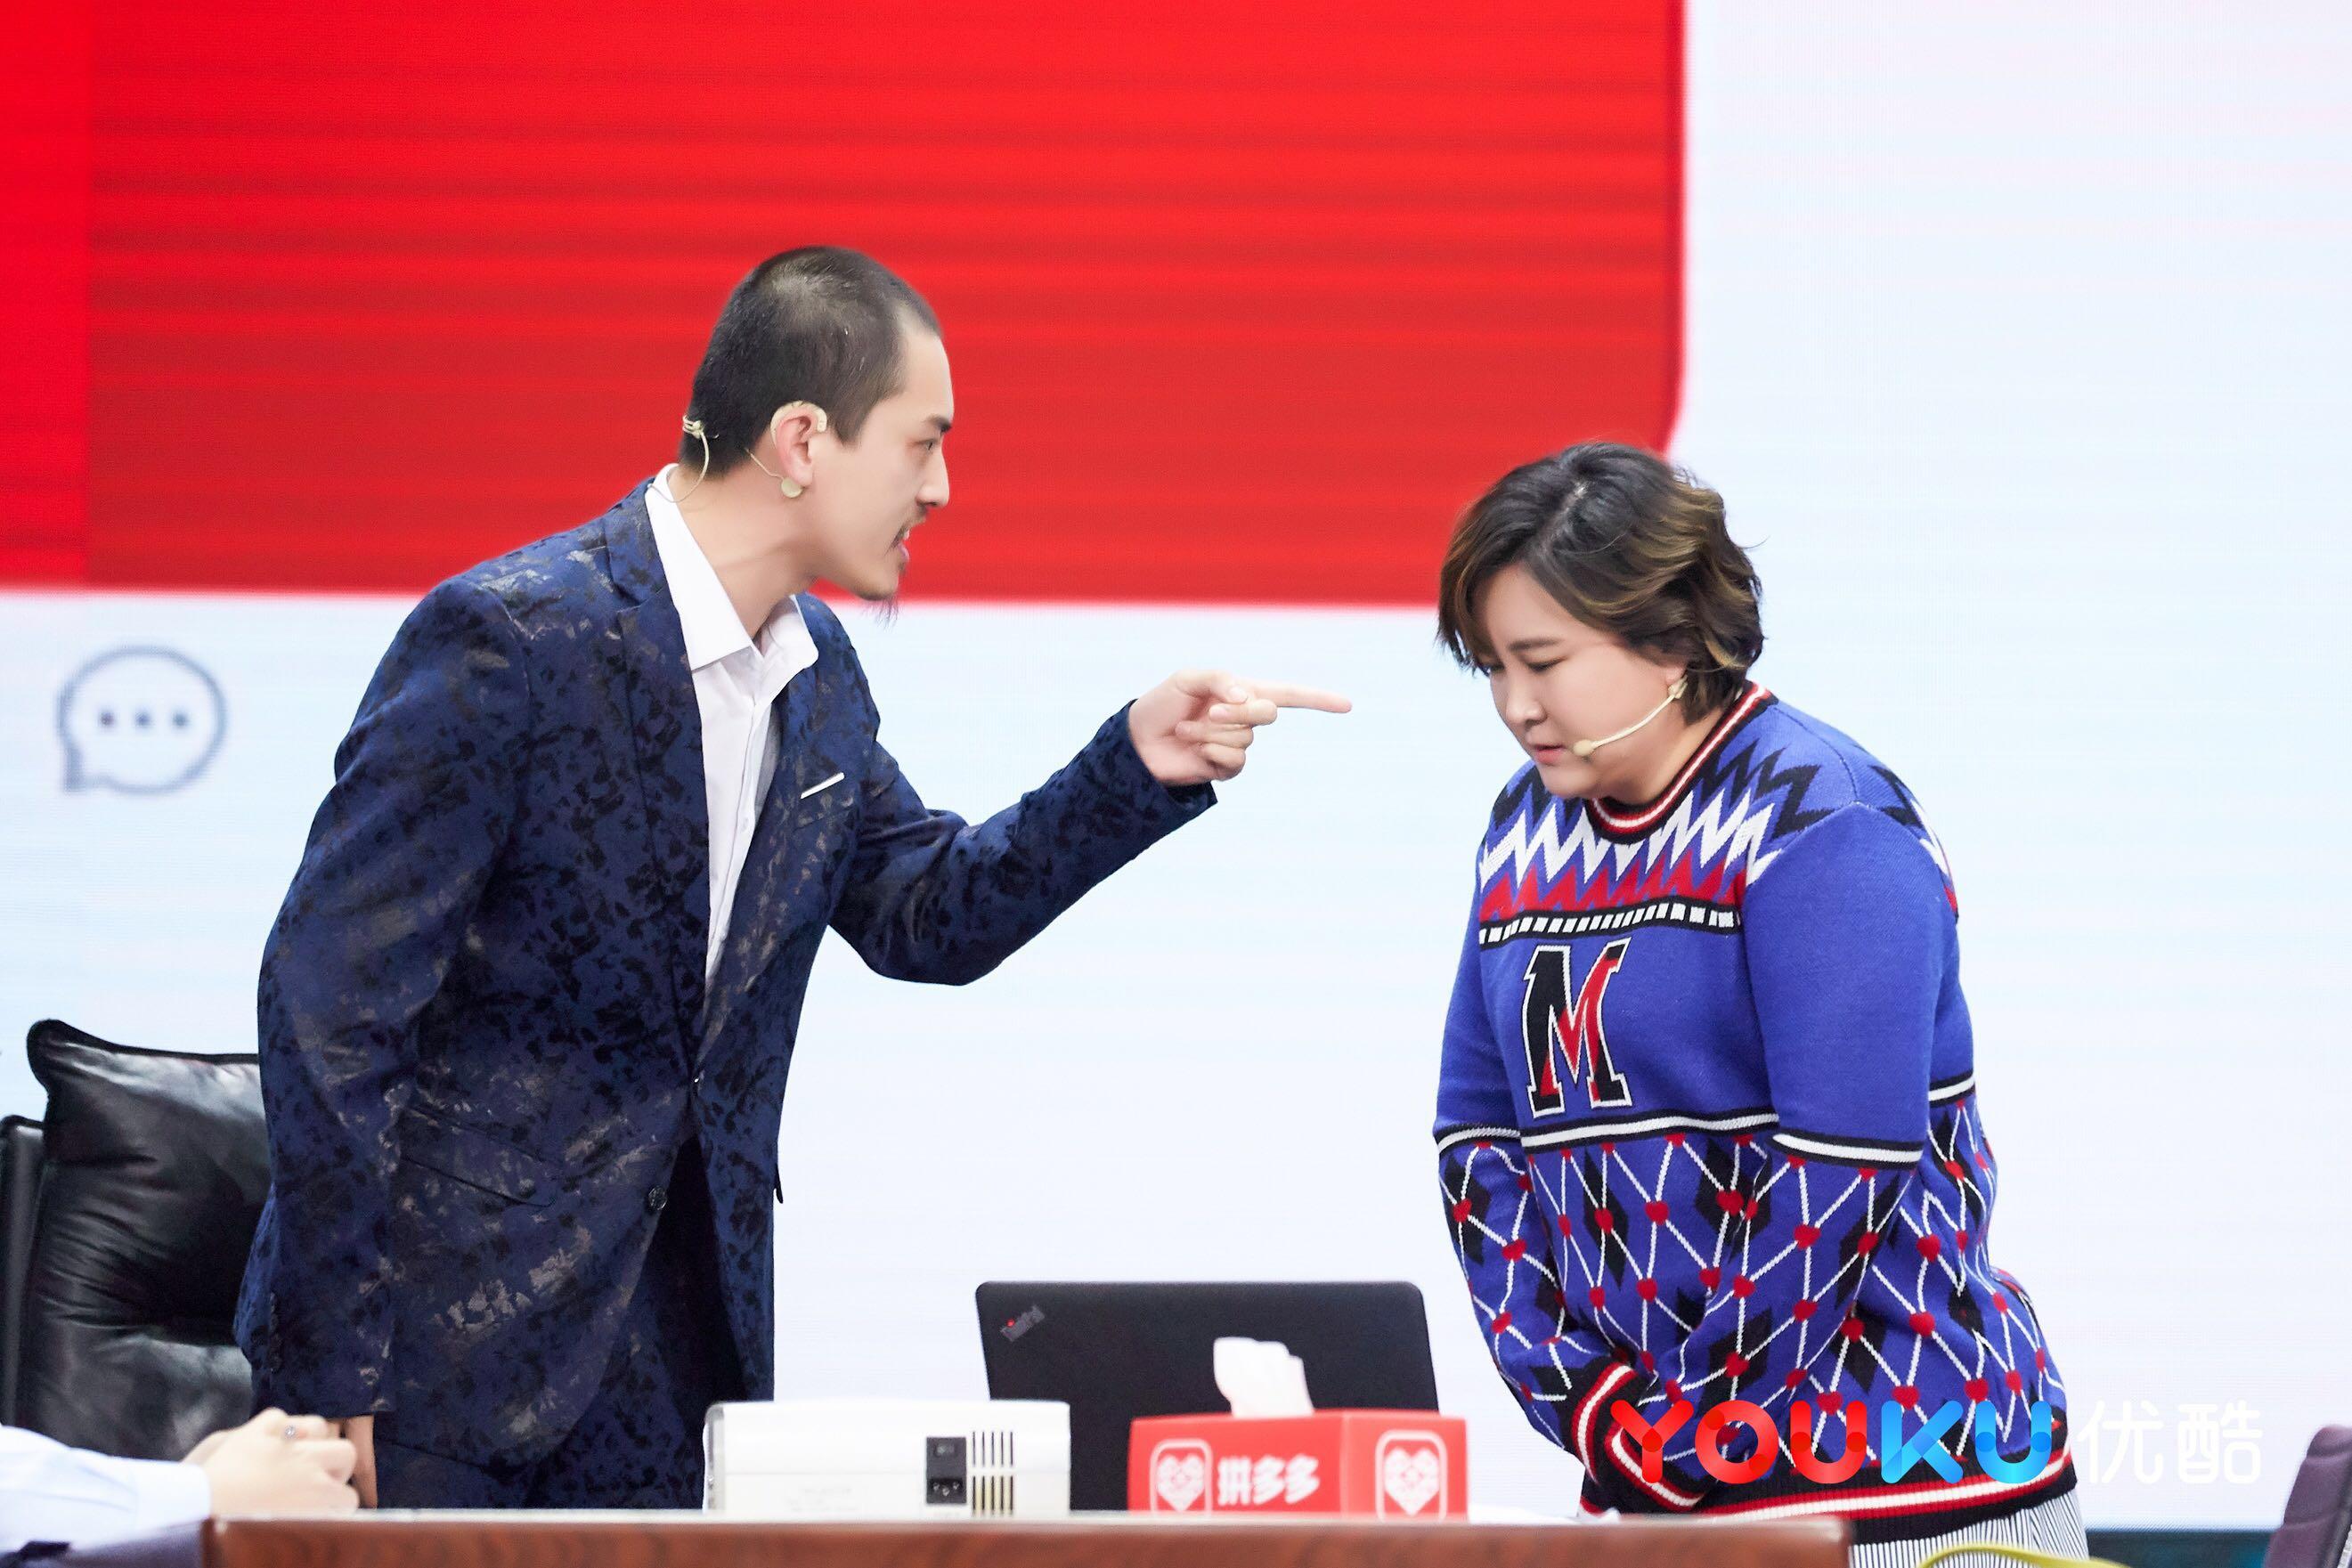 贾玲化身大魔王《欢乐喜剧人4》 双贾之争贾冰胜